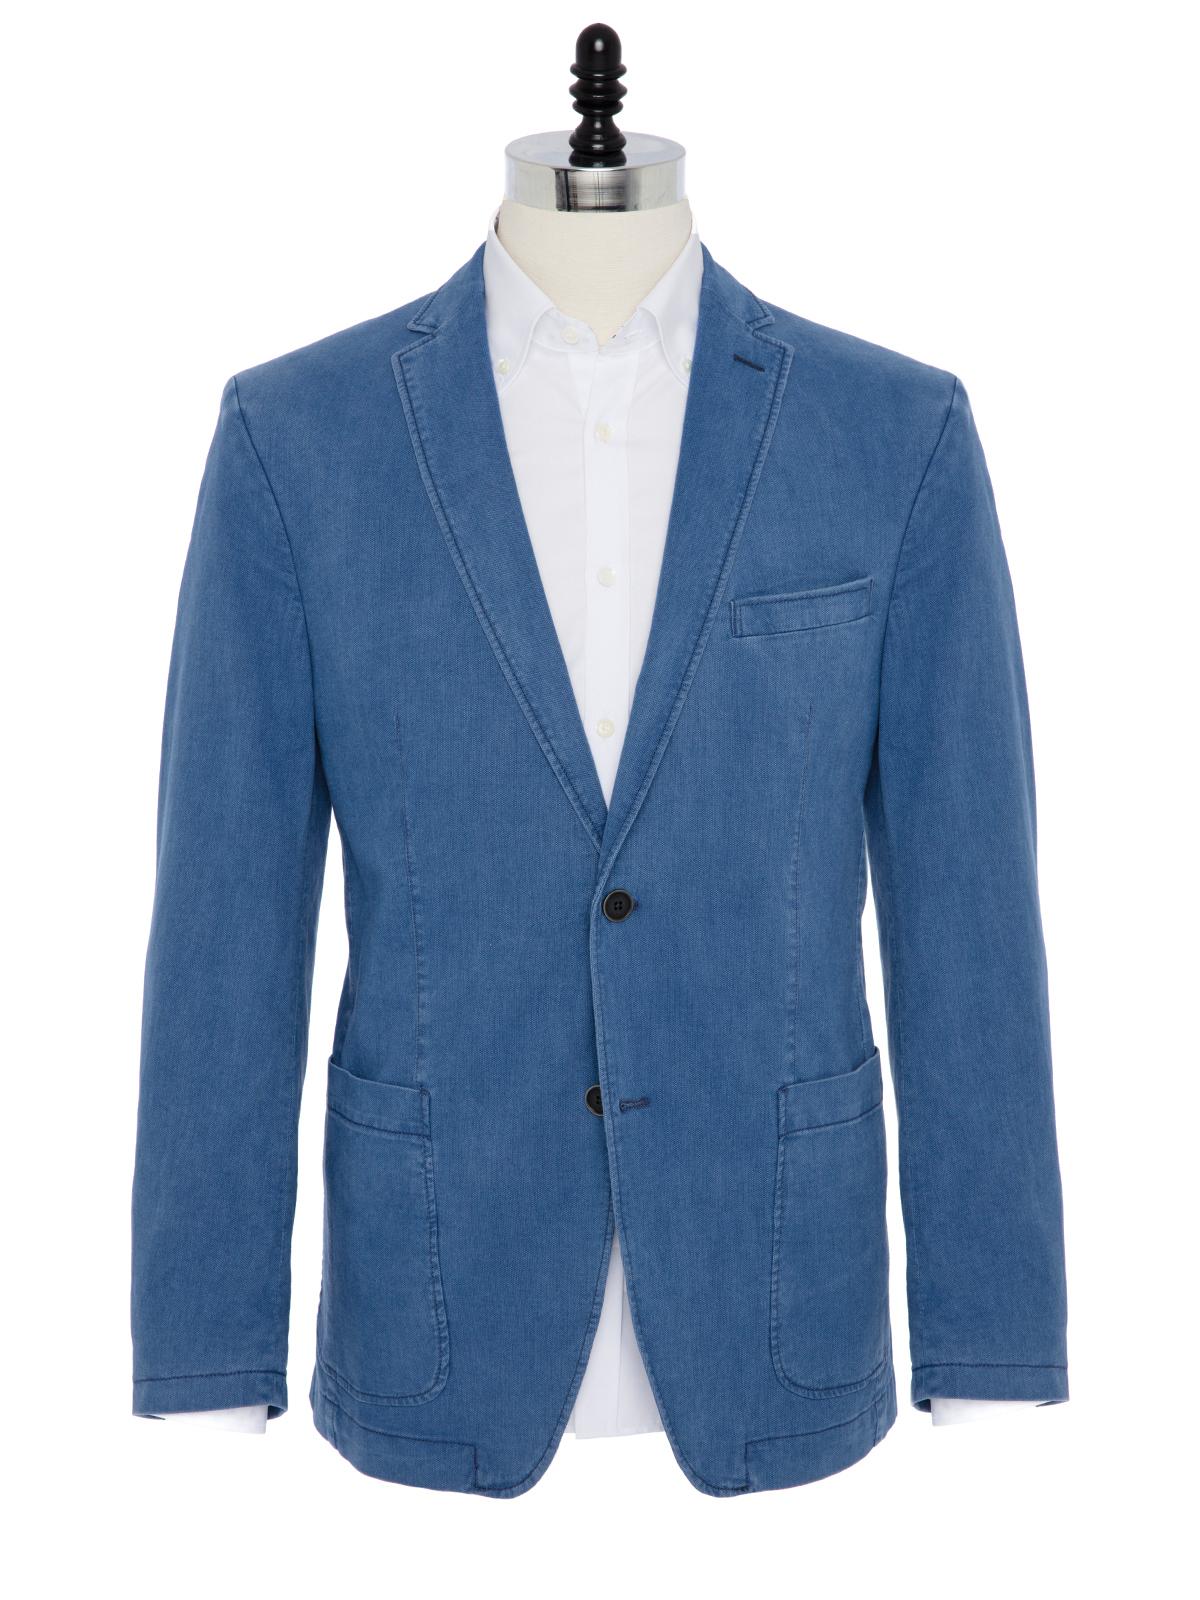 Carl Gross Orta Mavi Yarım Astar Ceket